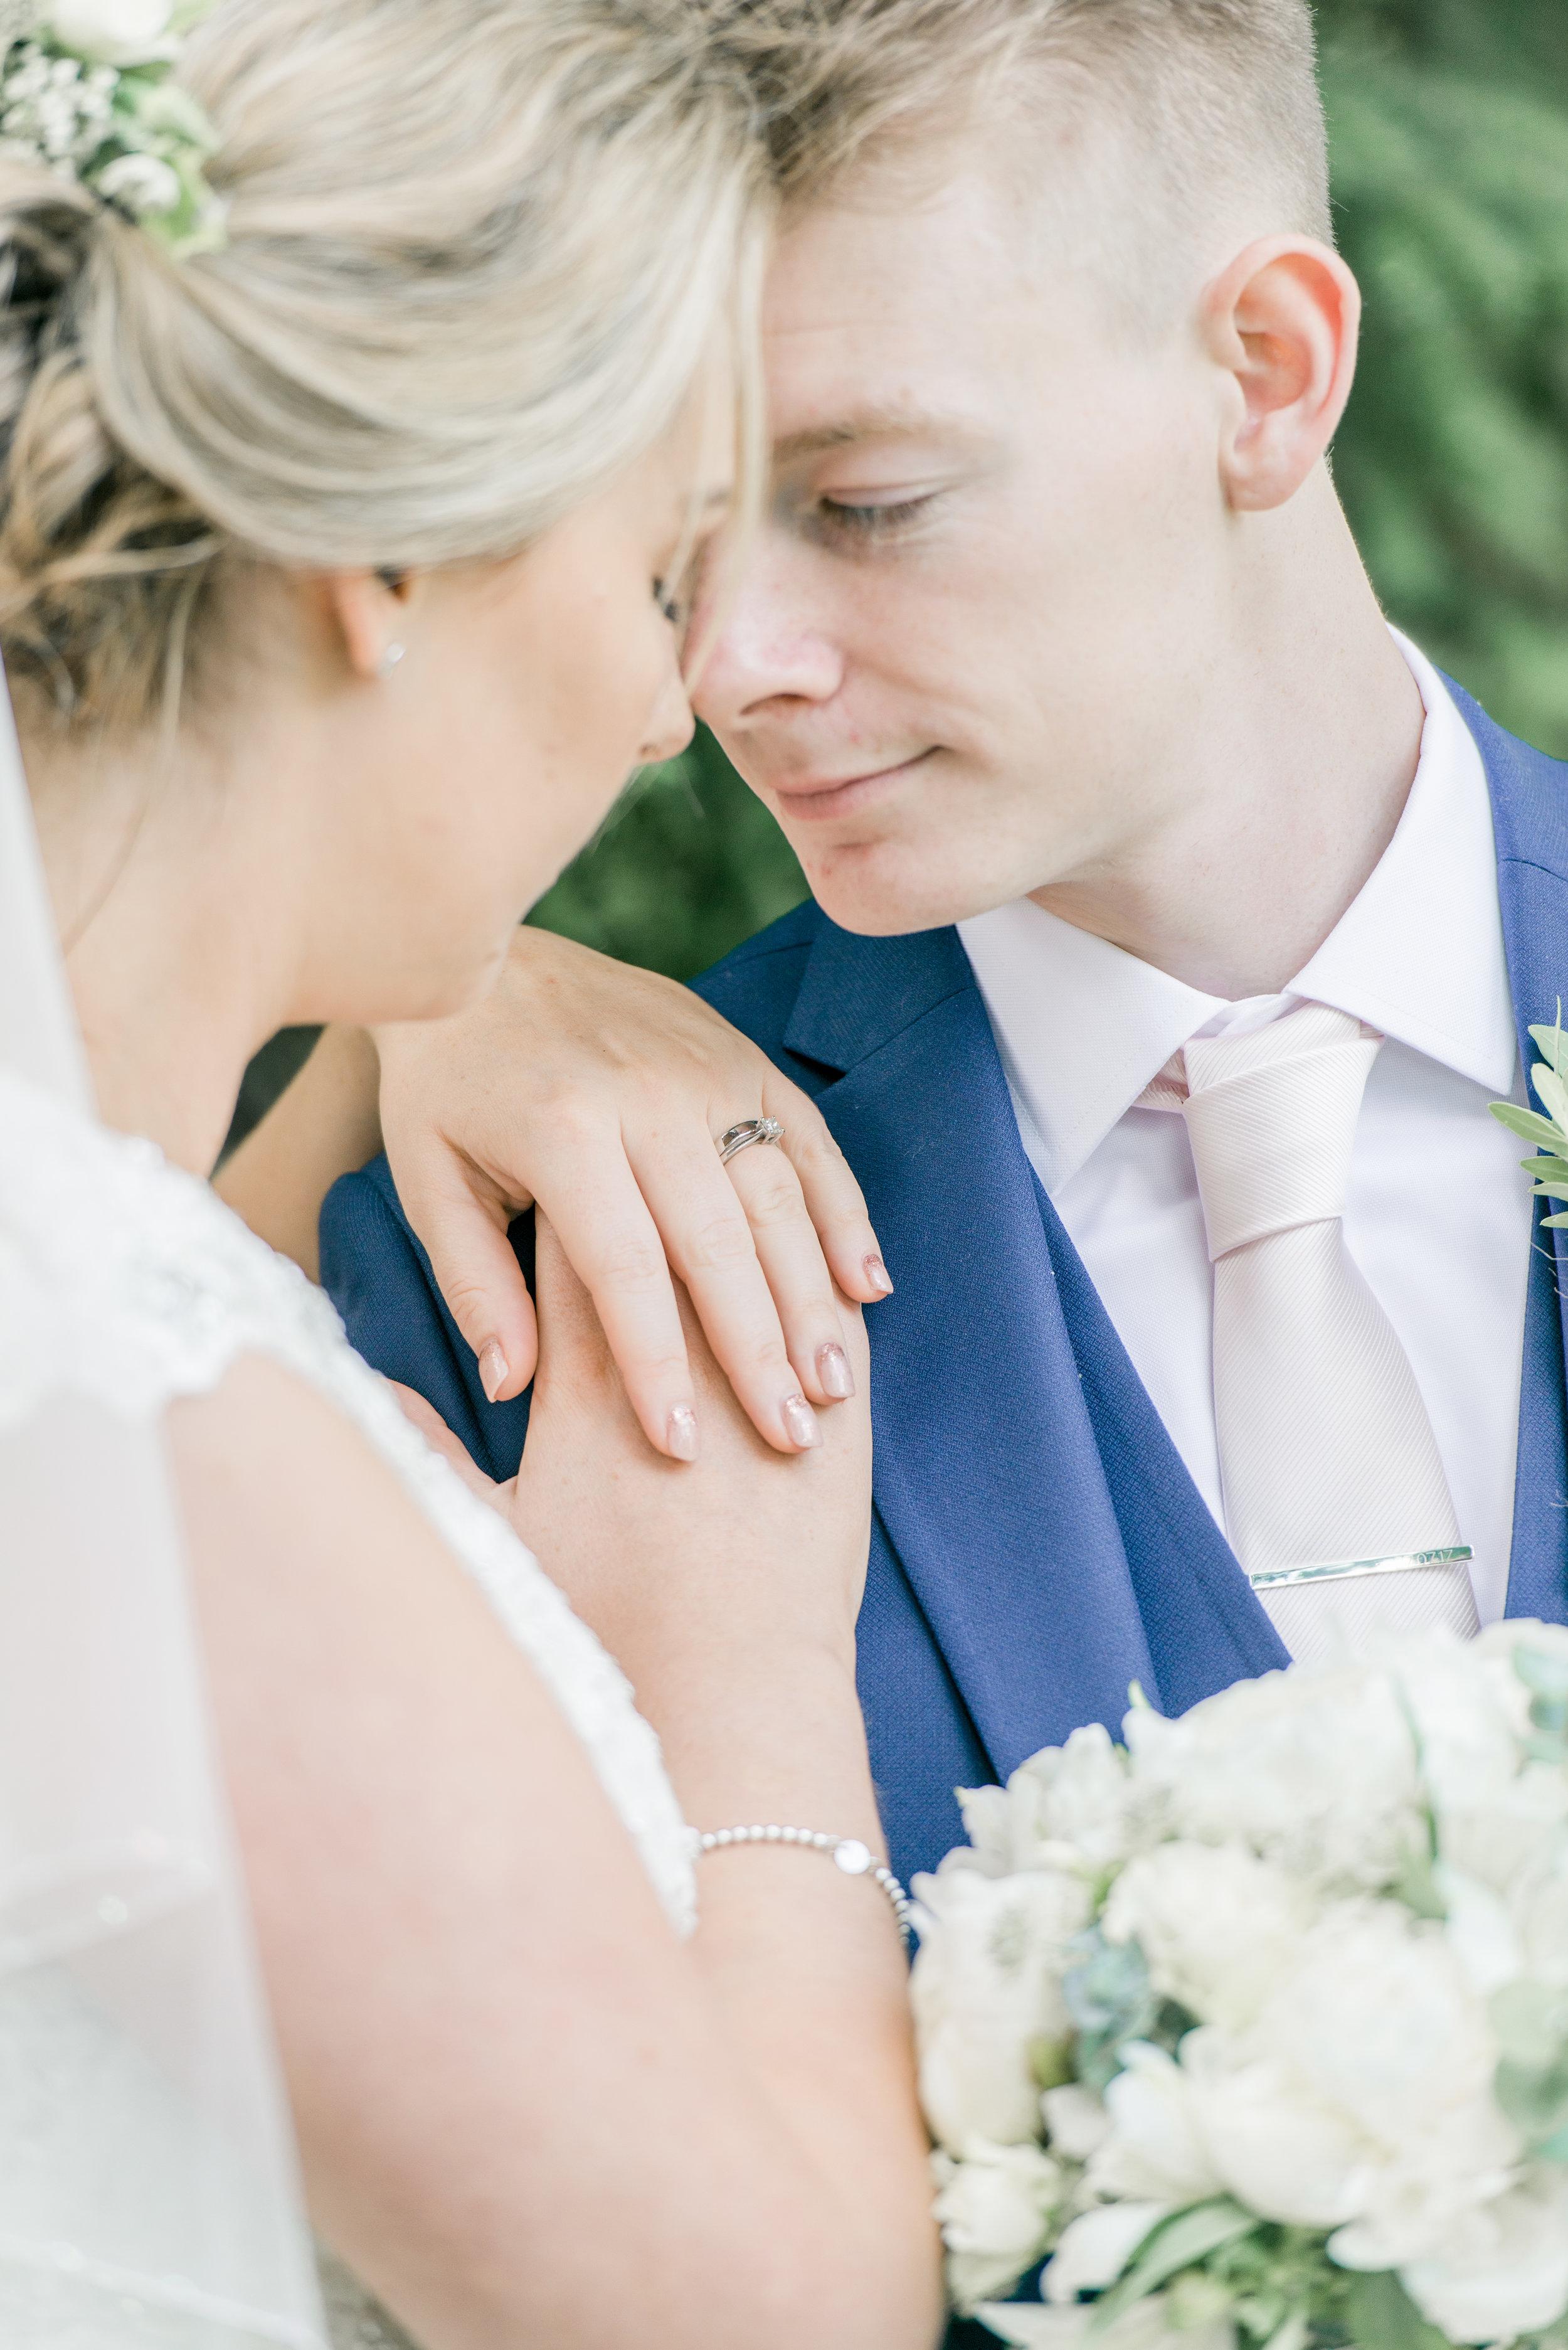 Chloe & Kelvyn at a home marquee wedding